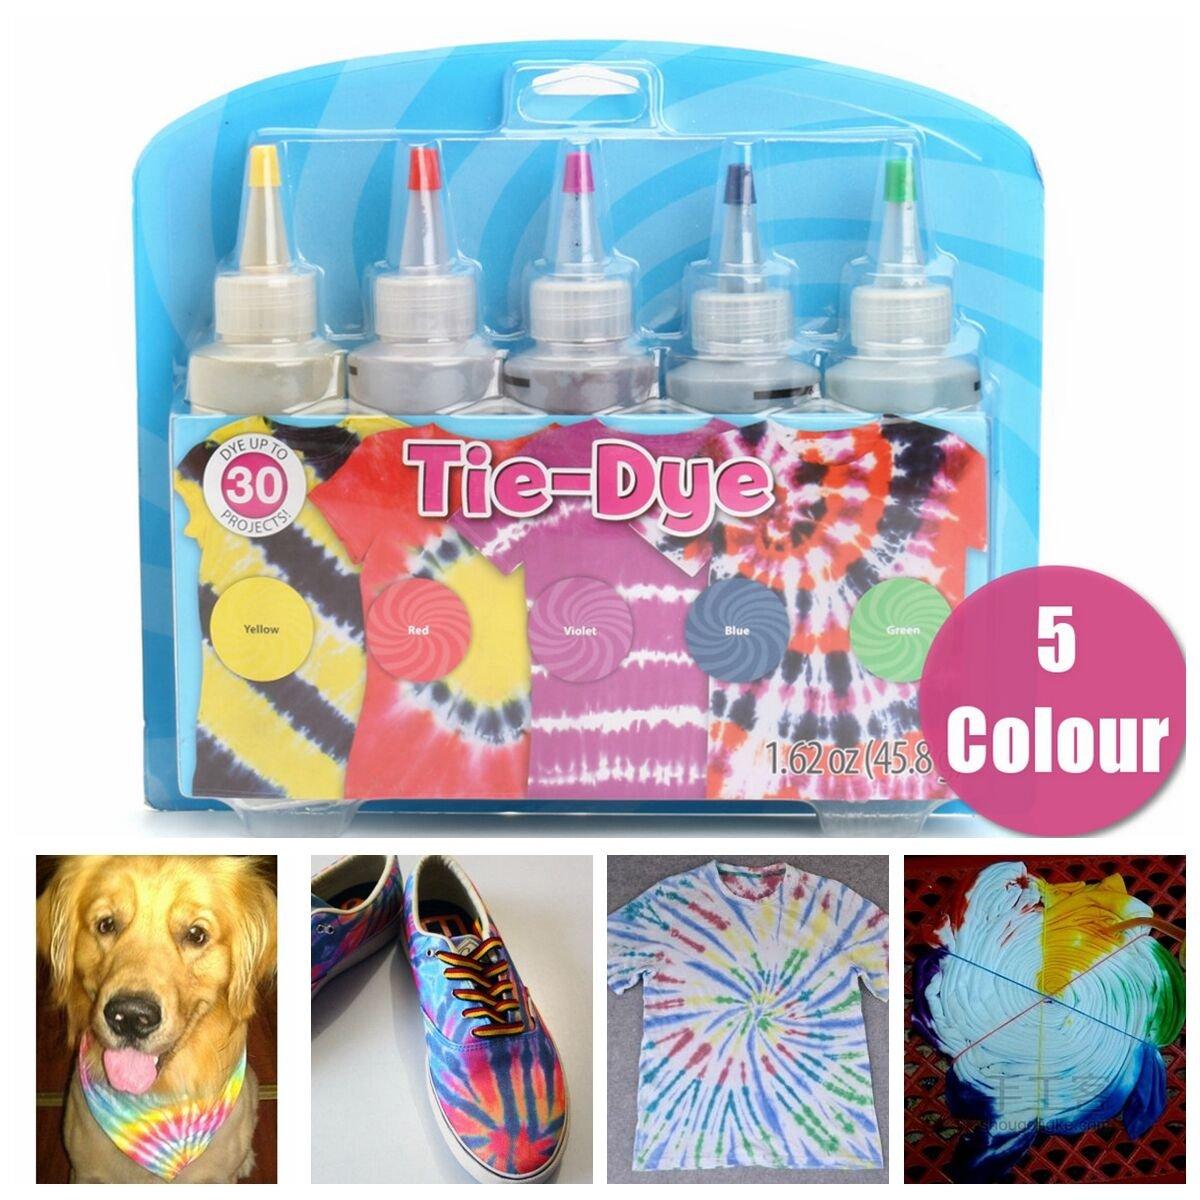 Essort Fabric Textile Paints Tie Dye Kit Vibrant Fabric Textile Permanent Paint Colours, Tie-Dye Kit